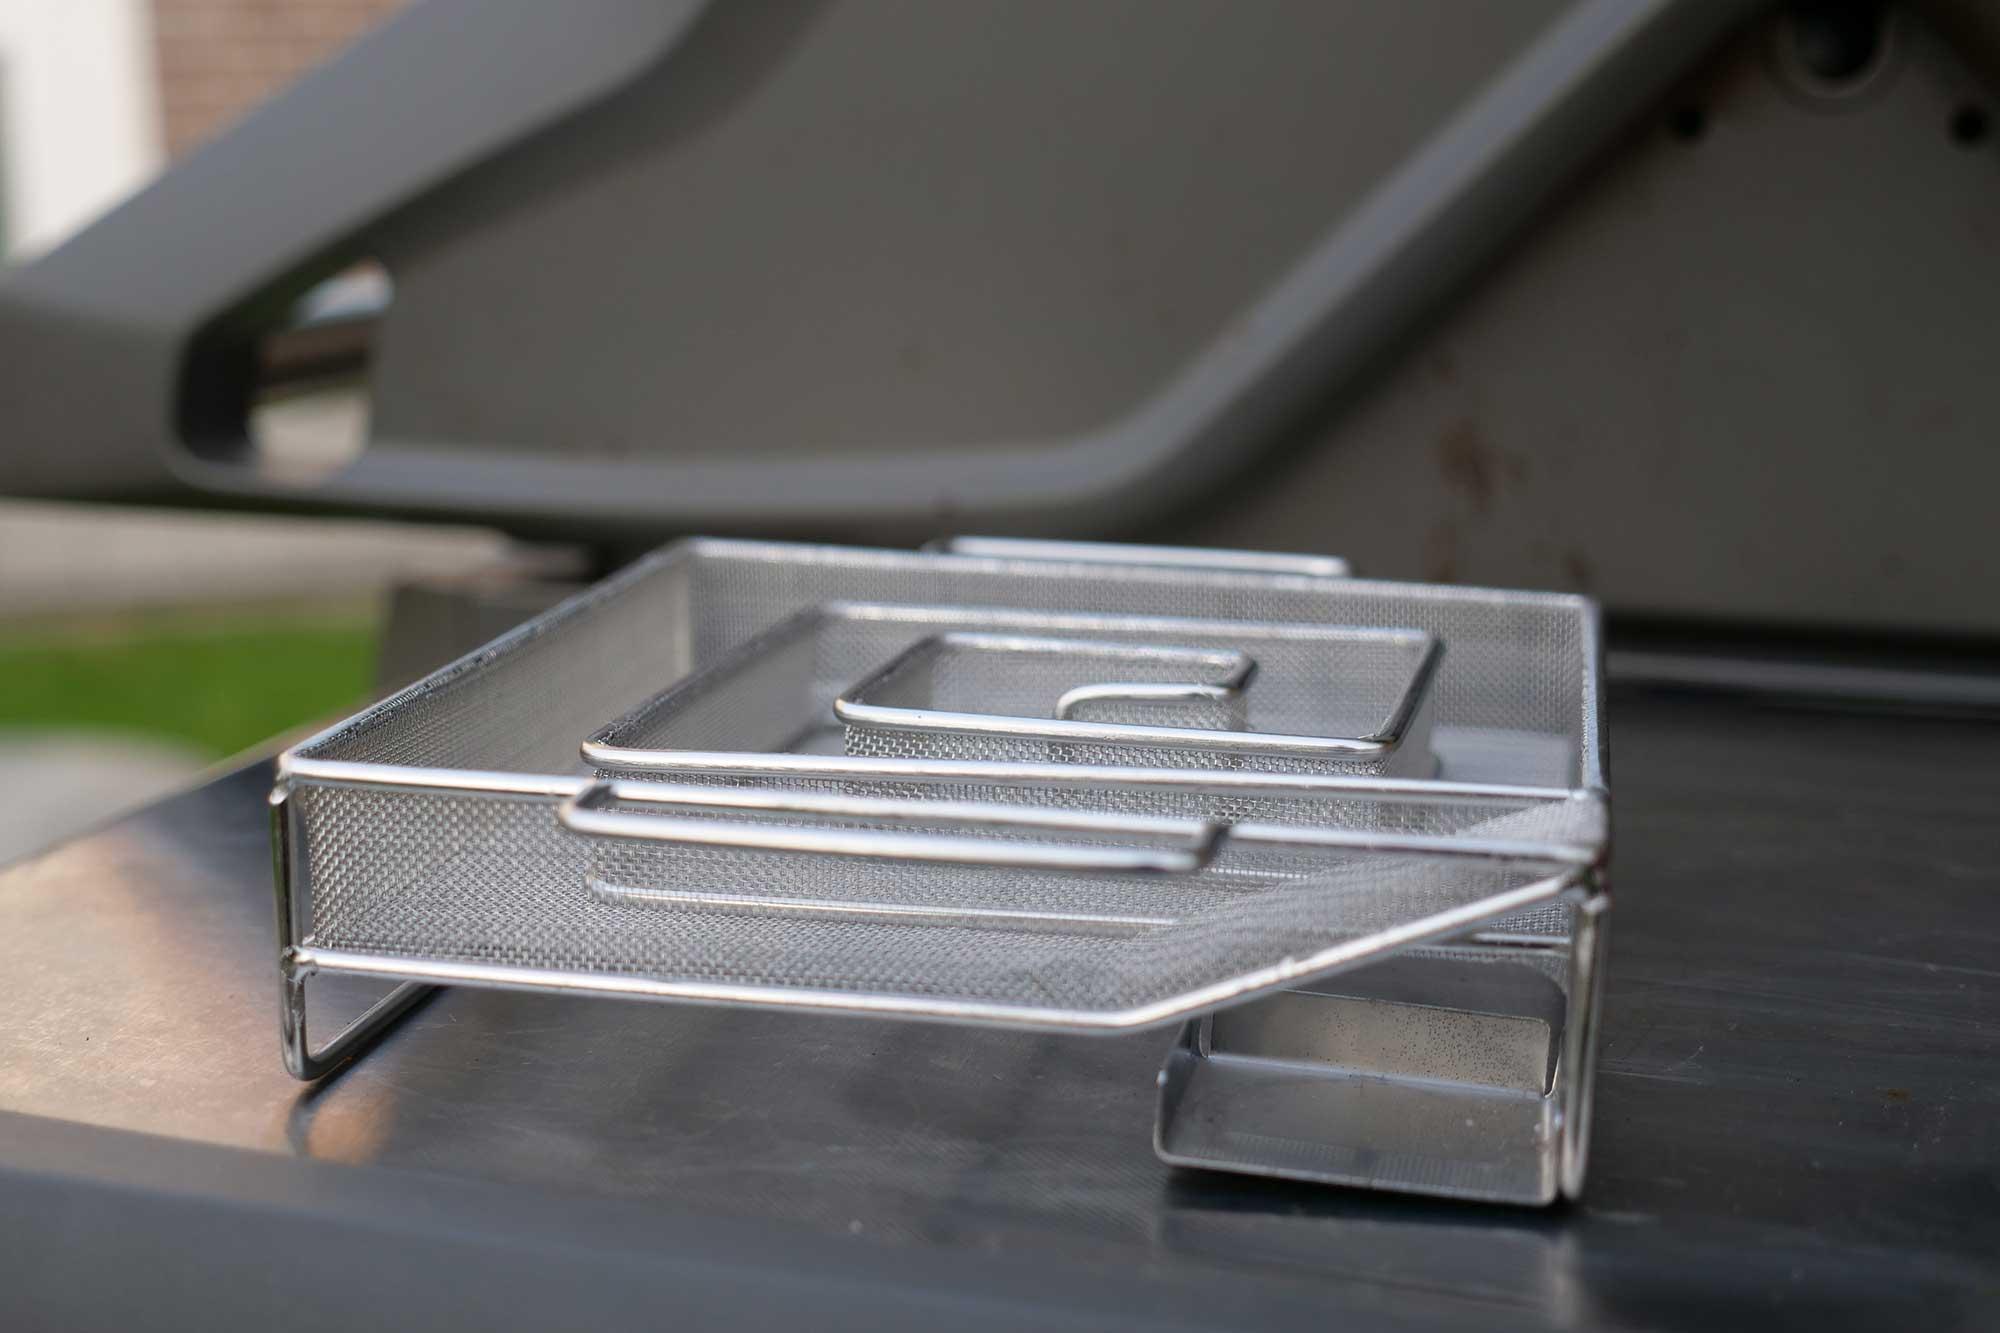 Räucherbox Für Gasgrill : Grill räucherbox selber bauen grillfisch aus dem rauch tipps von